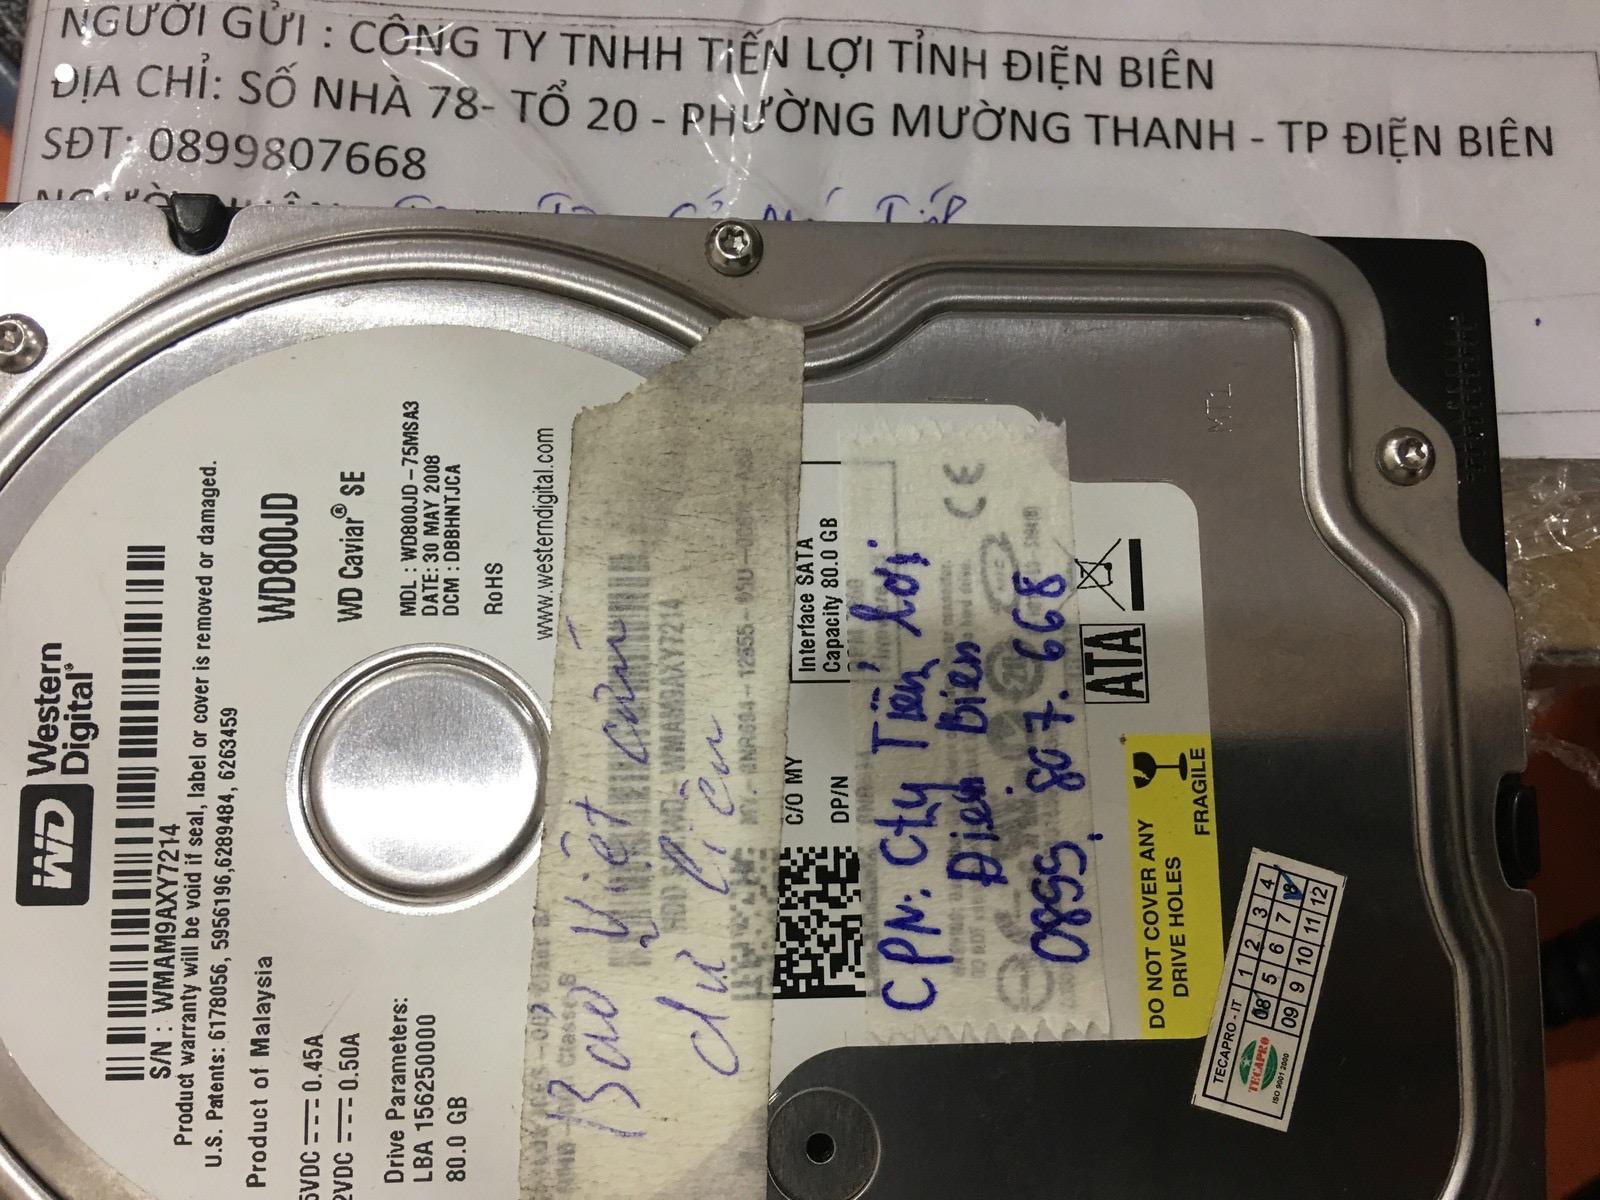 Lấy dữ liệu ổ cứng Western 80GB không nhận tại Điện Biên 24/03/2020 - cuumaytinh